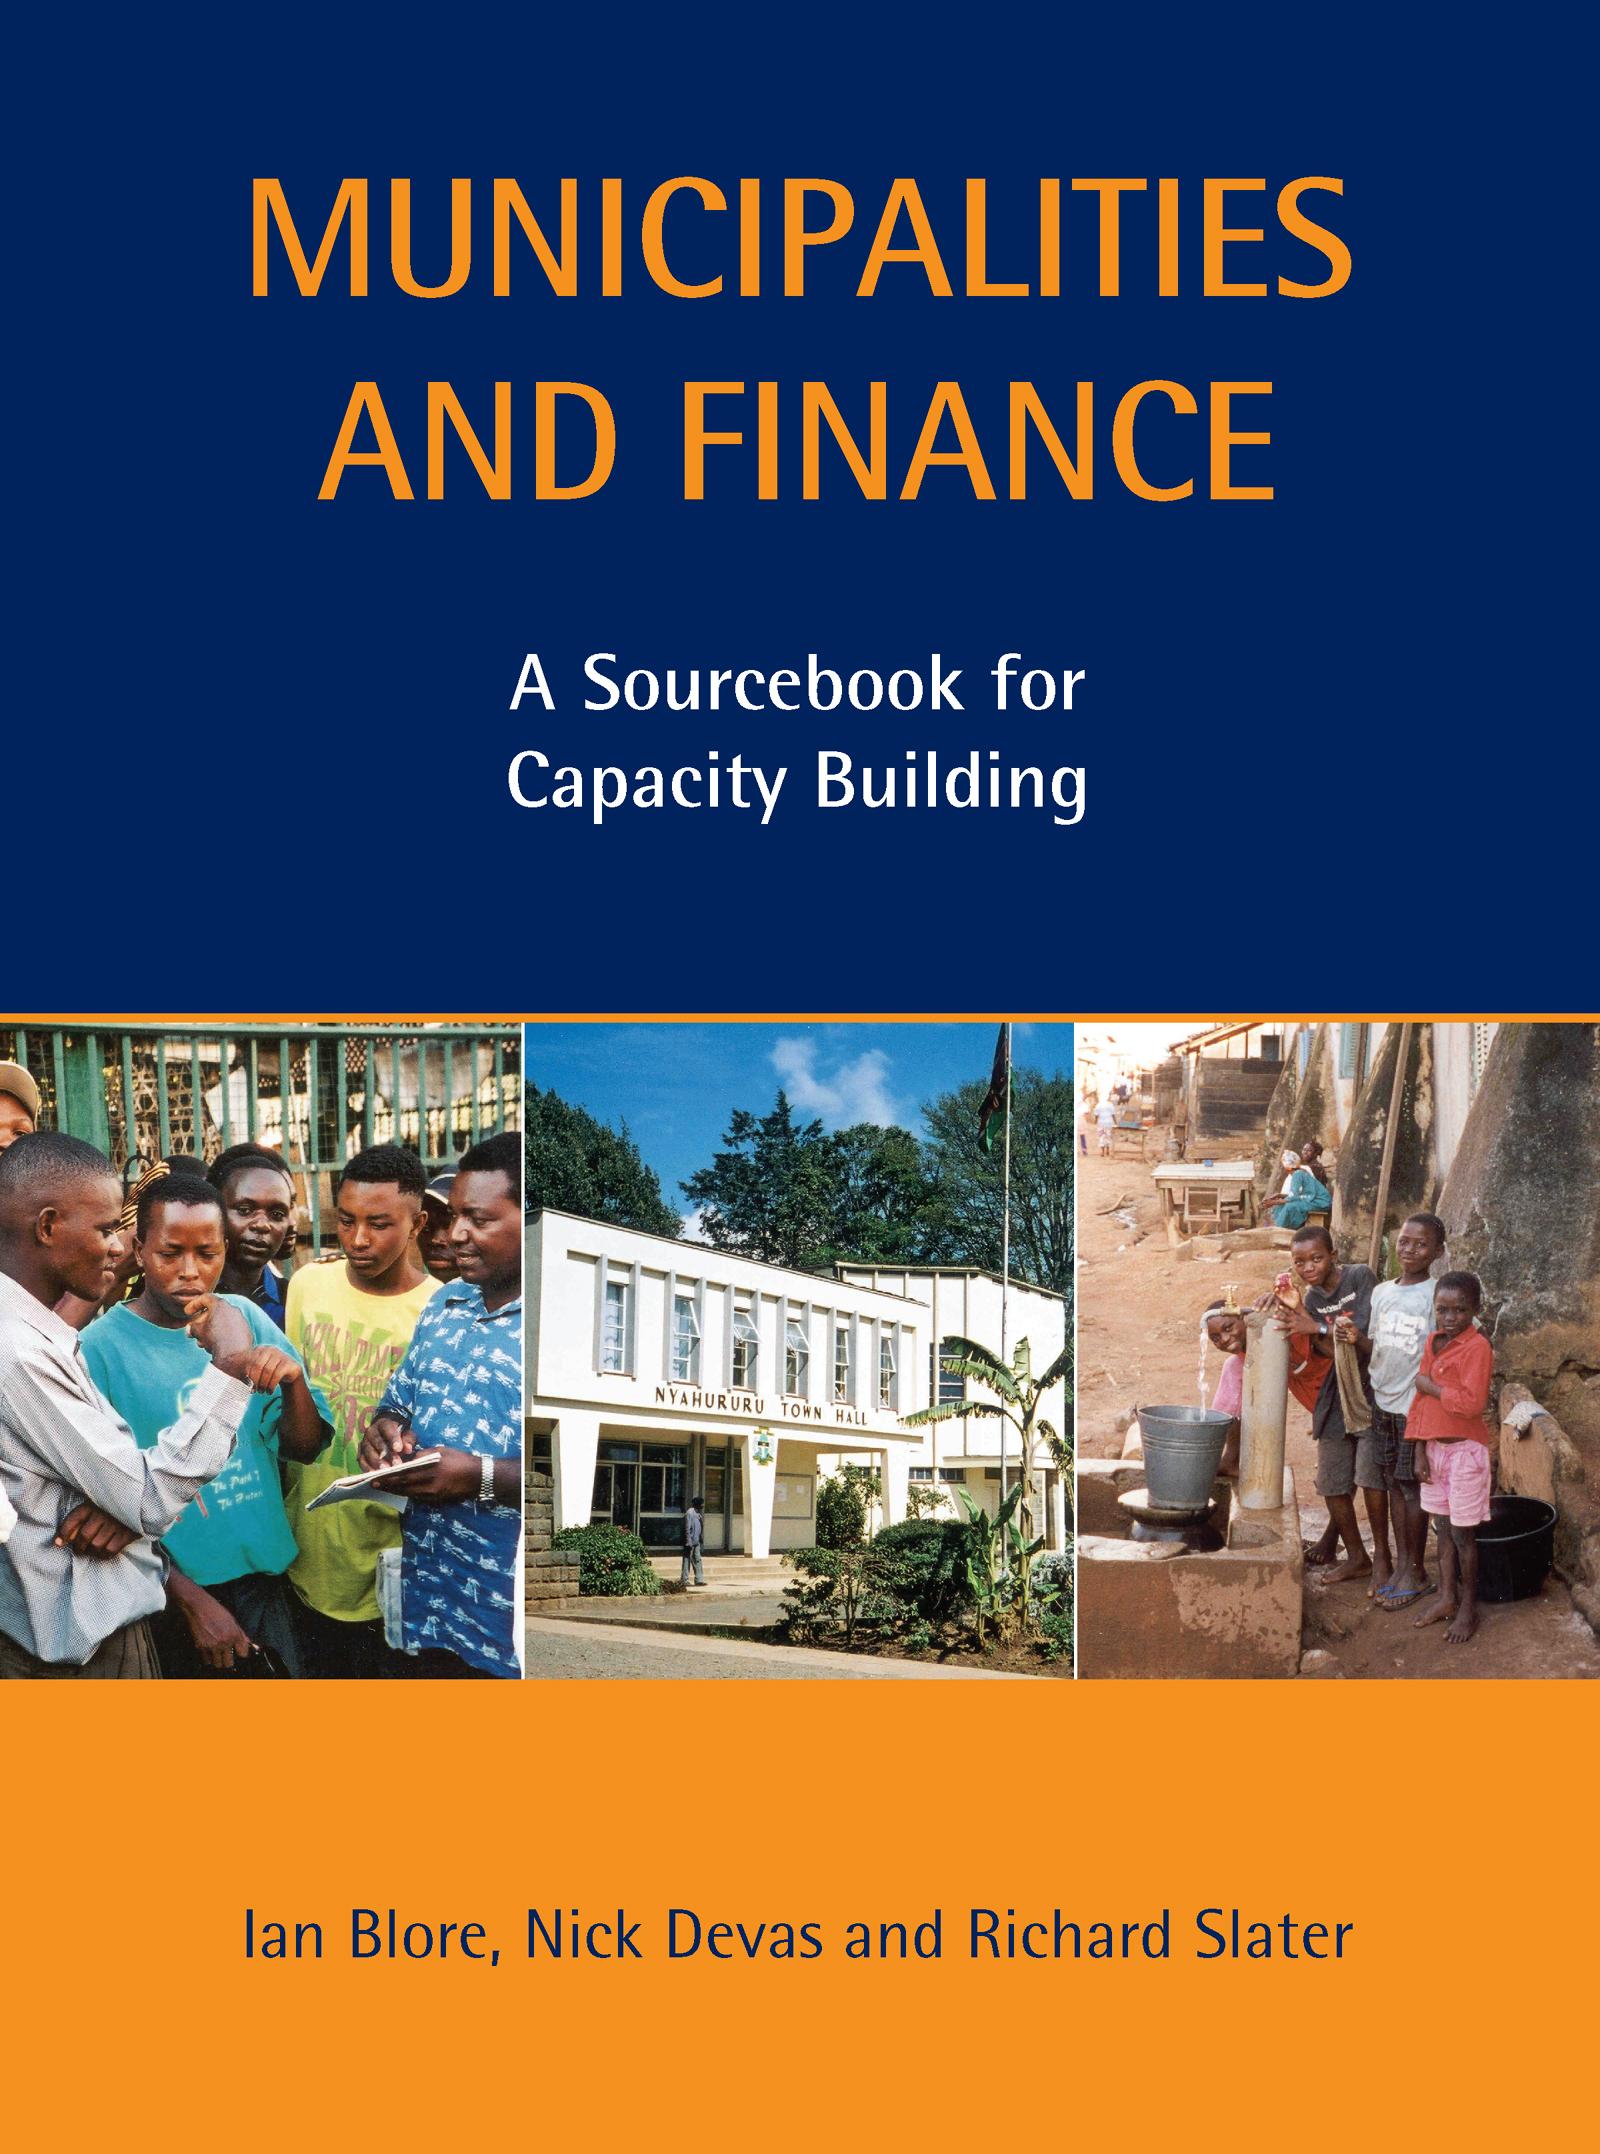 Municipalities and Finance